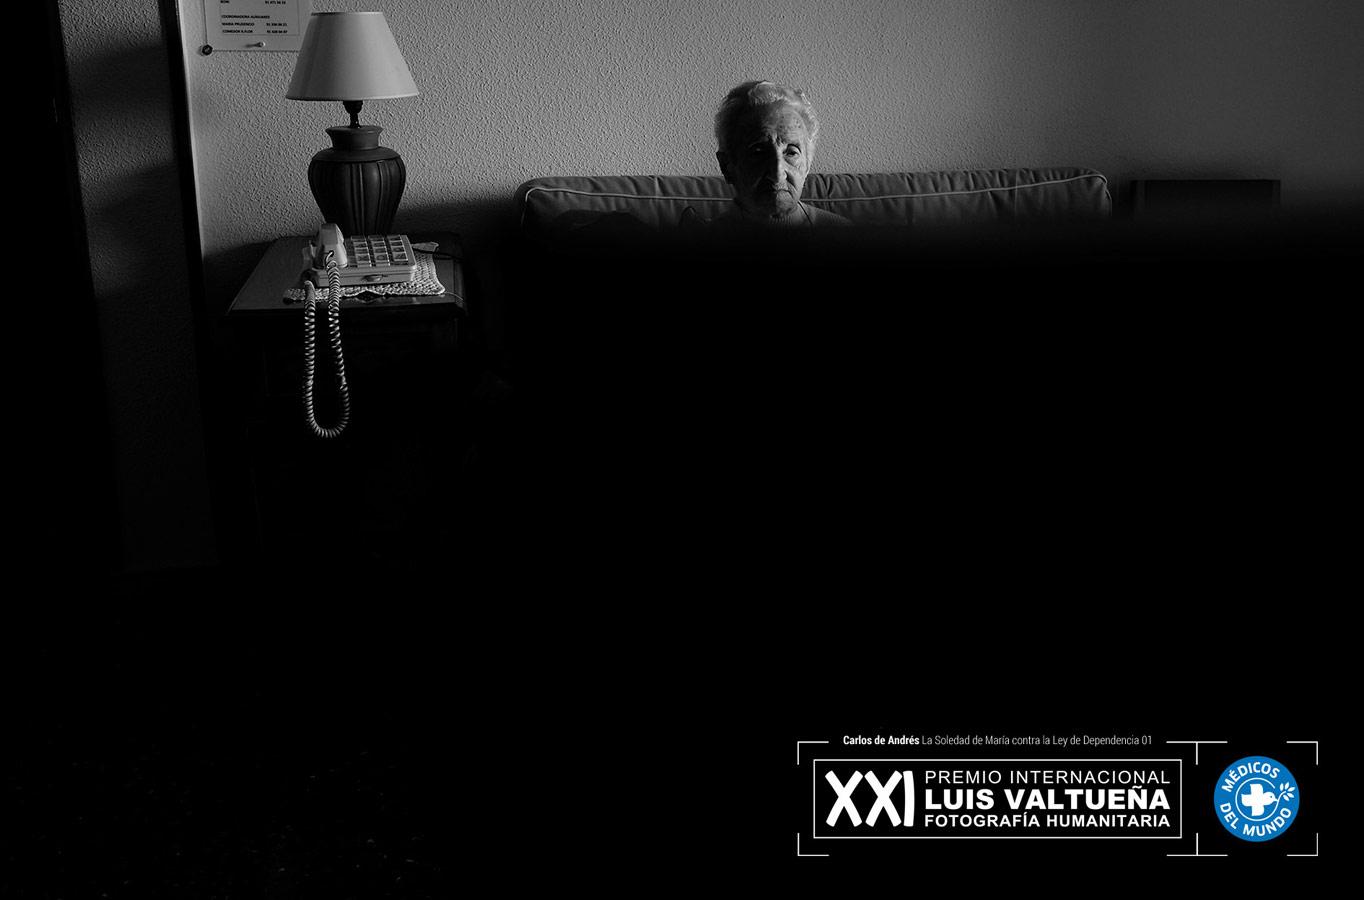 © Карлос де Андрес, Конкурс гуманитарной фотографии Луиса Вальтуэна — Luis Valtueña